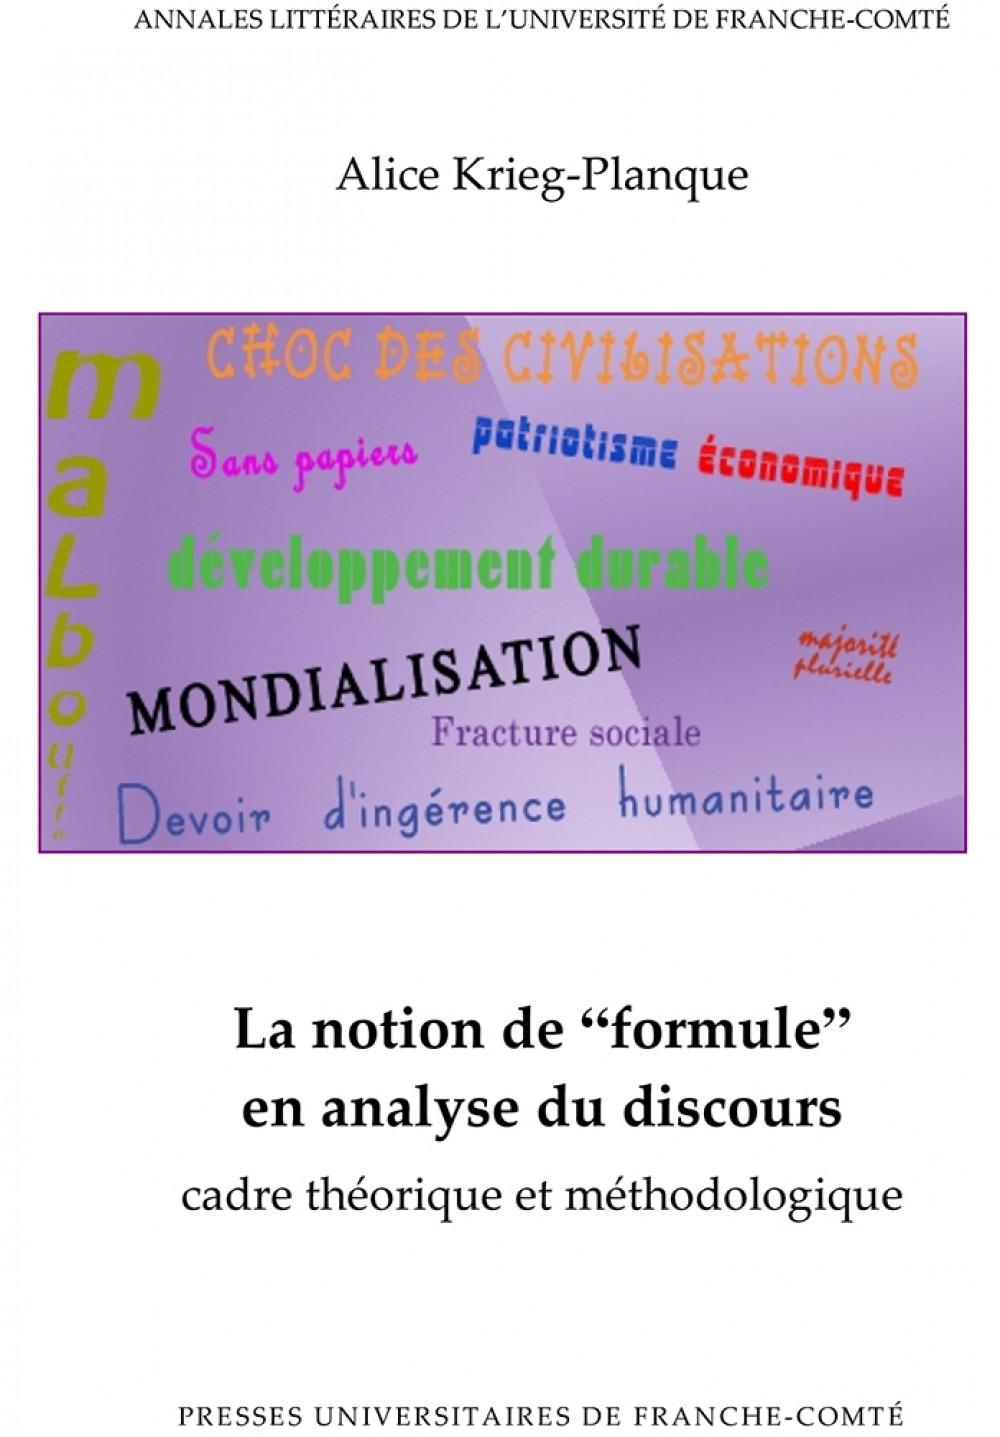 """La notion de """"formule"""" en analyse du discours"""